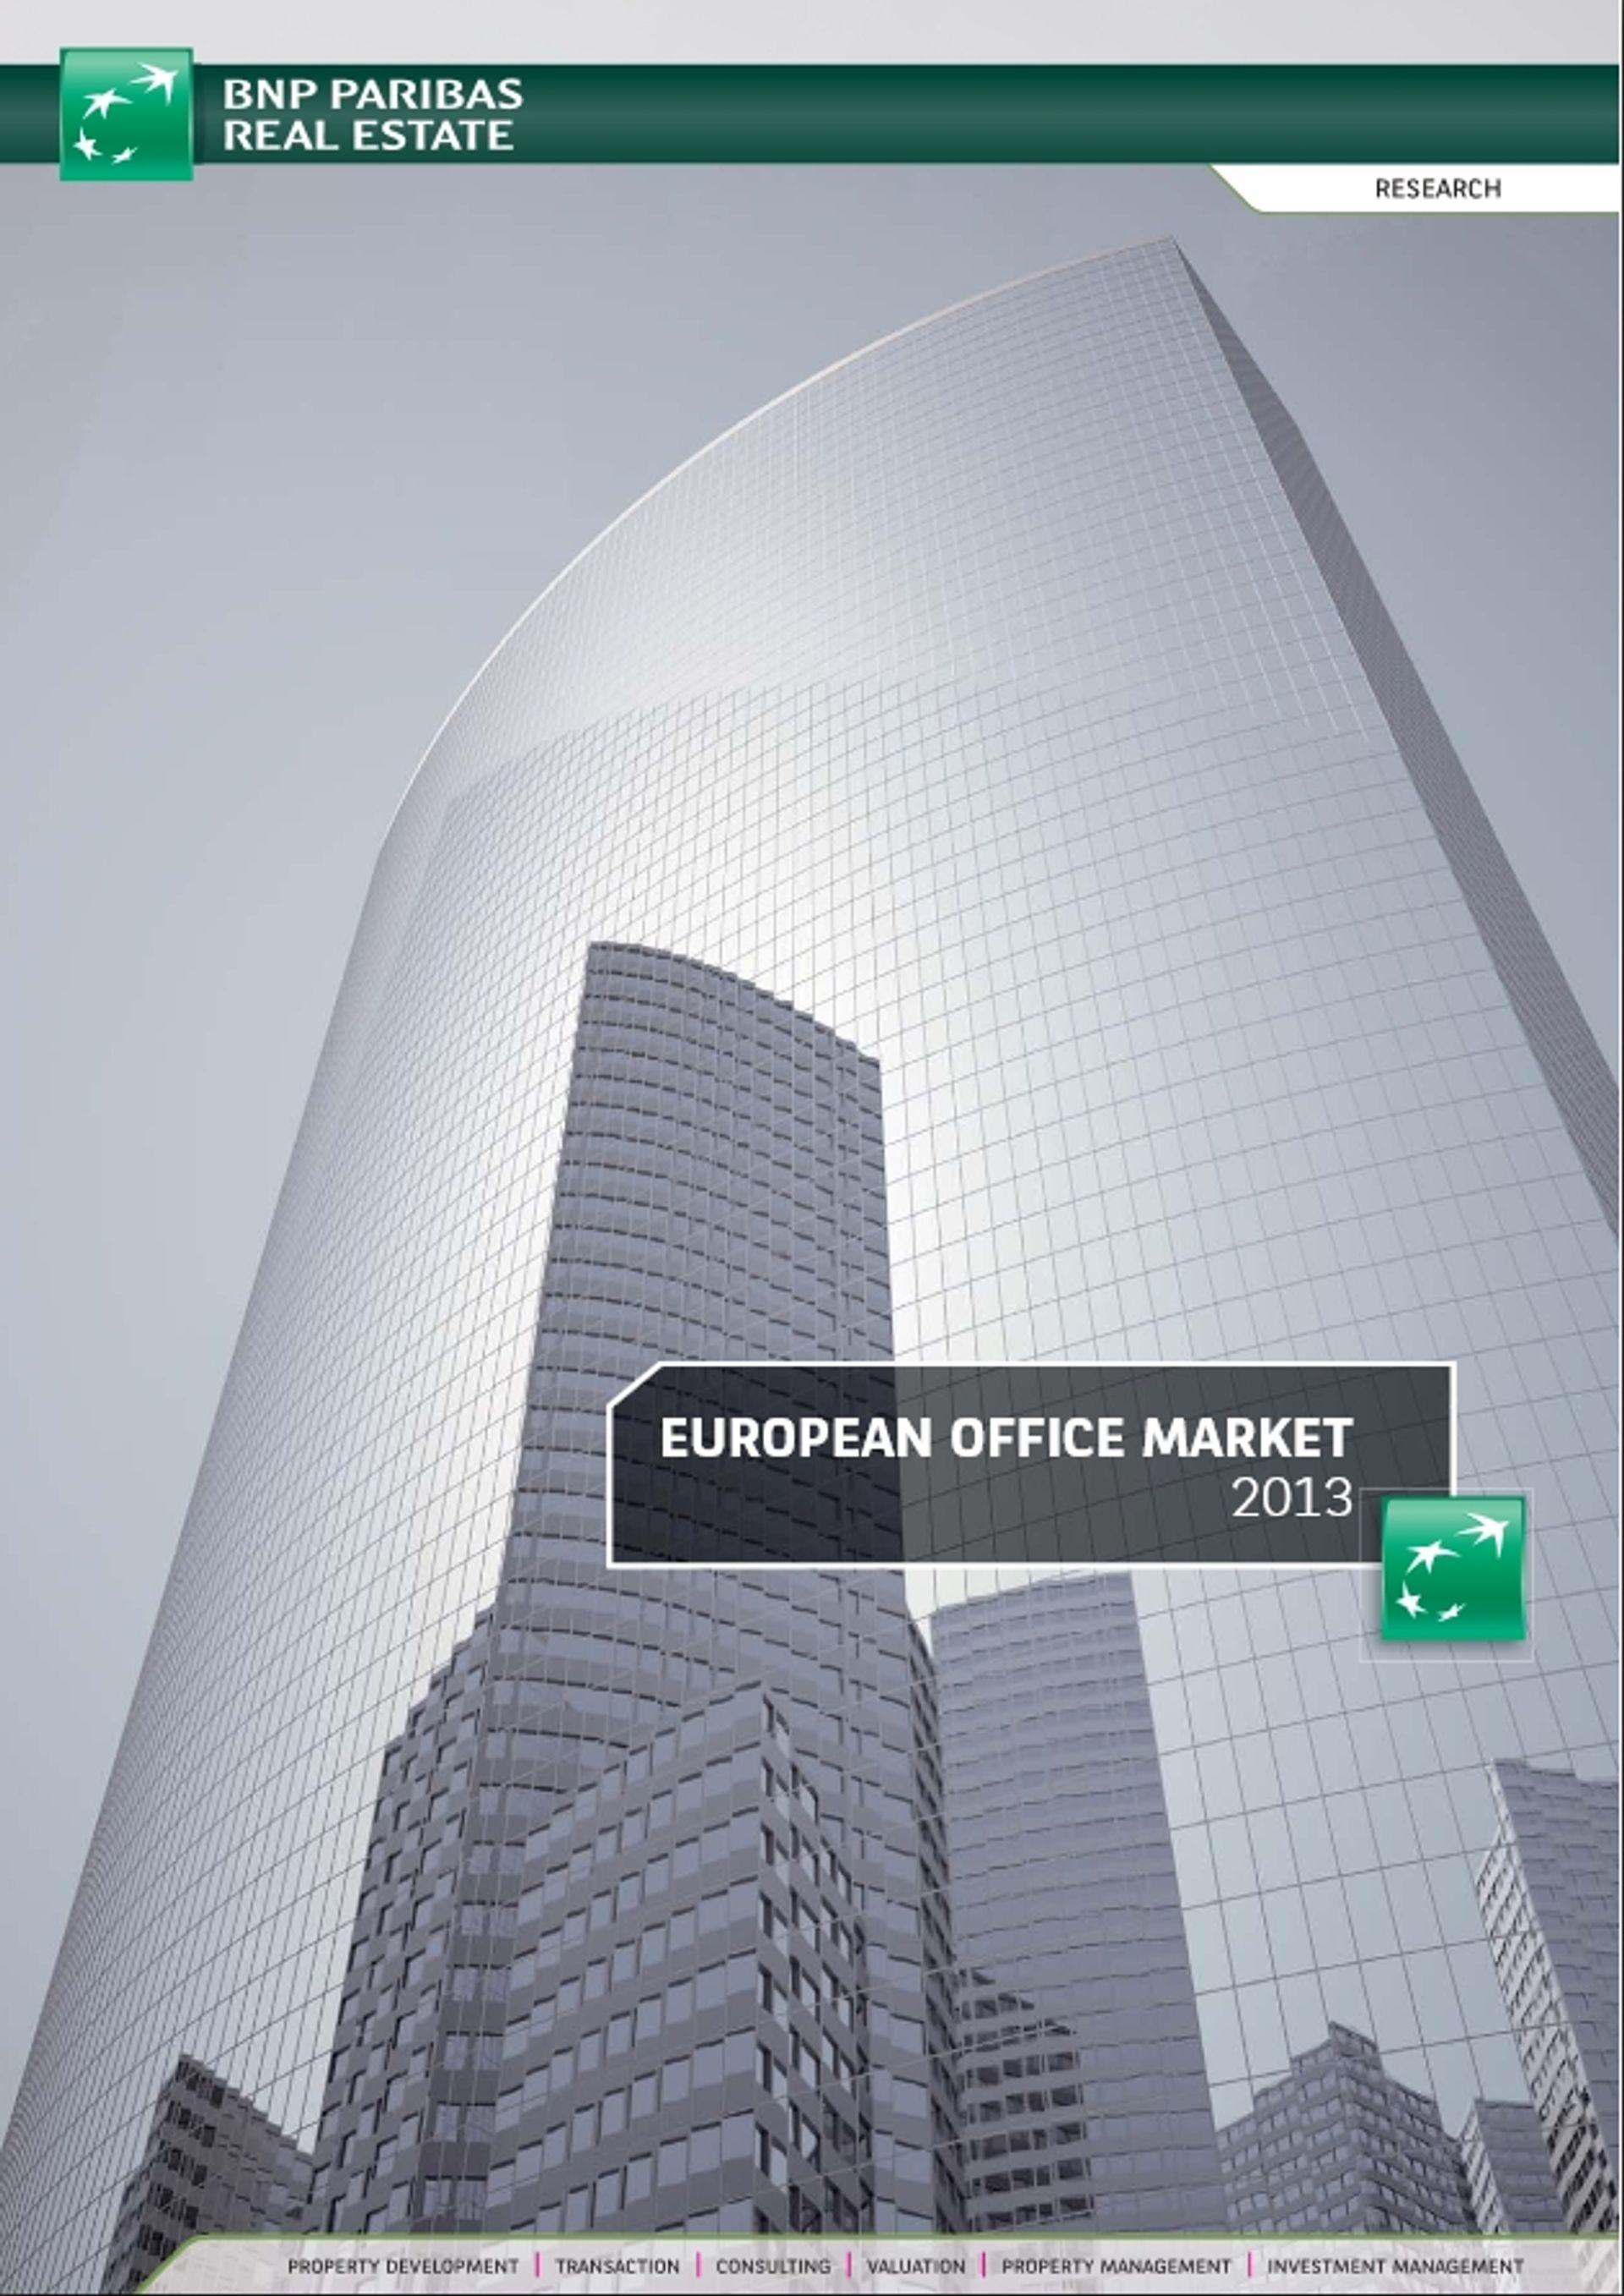 [Warszawa] Warszawa na tle Europy – BNP Paribas Real Estate przedstawia raport Europejski Rynek Biurowy 2013